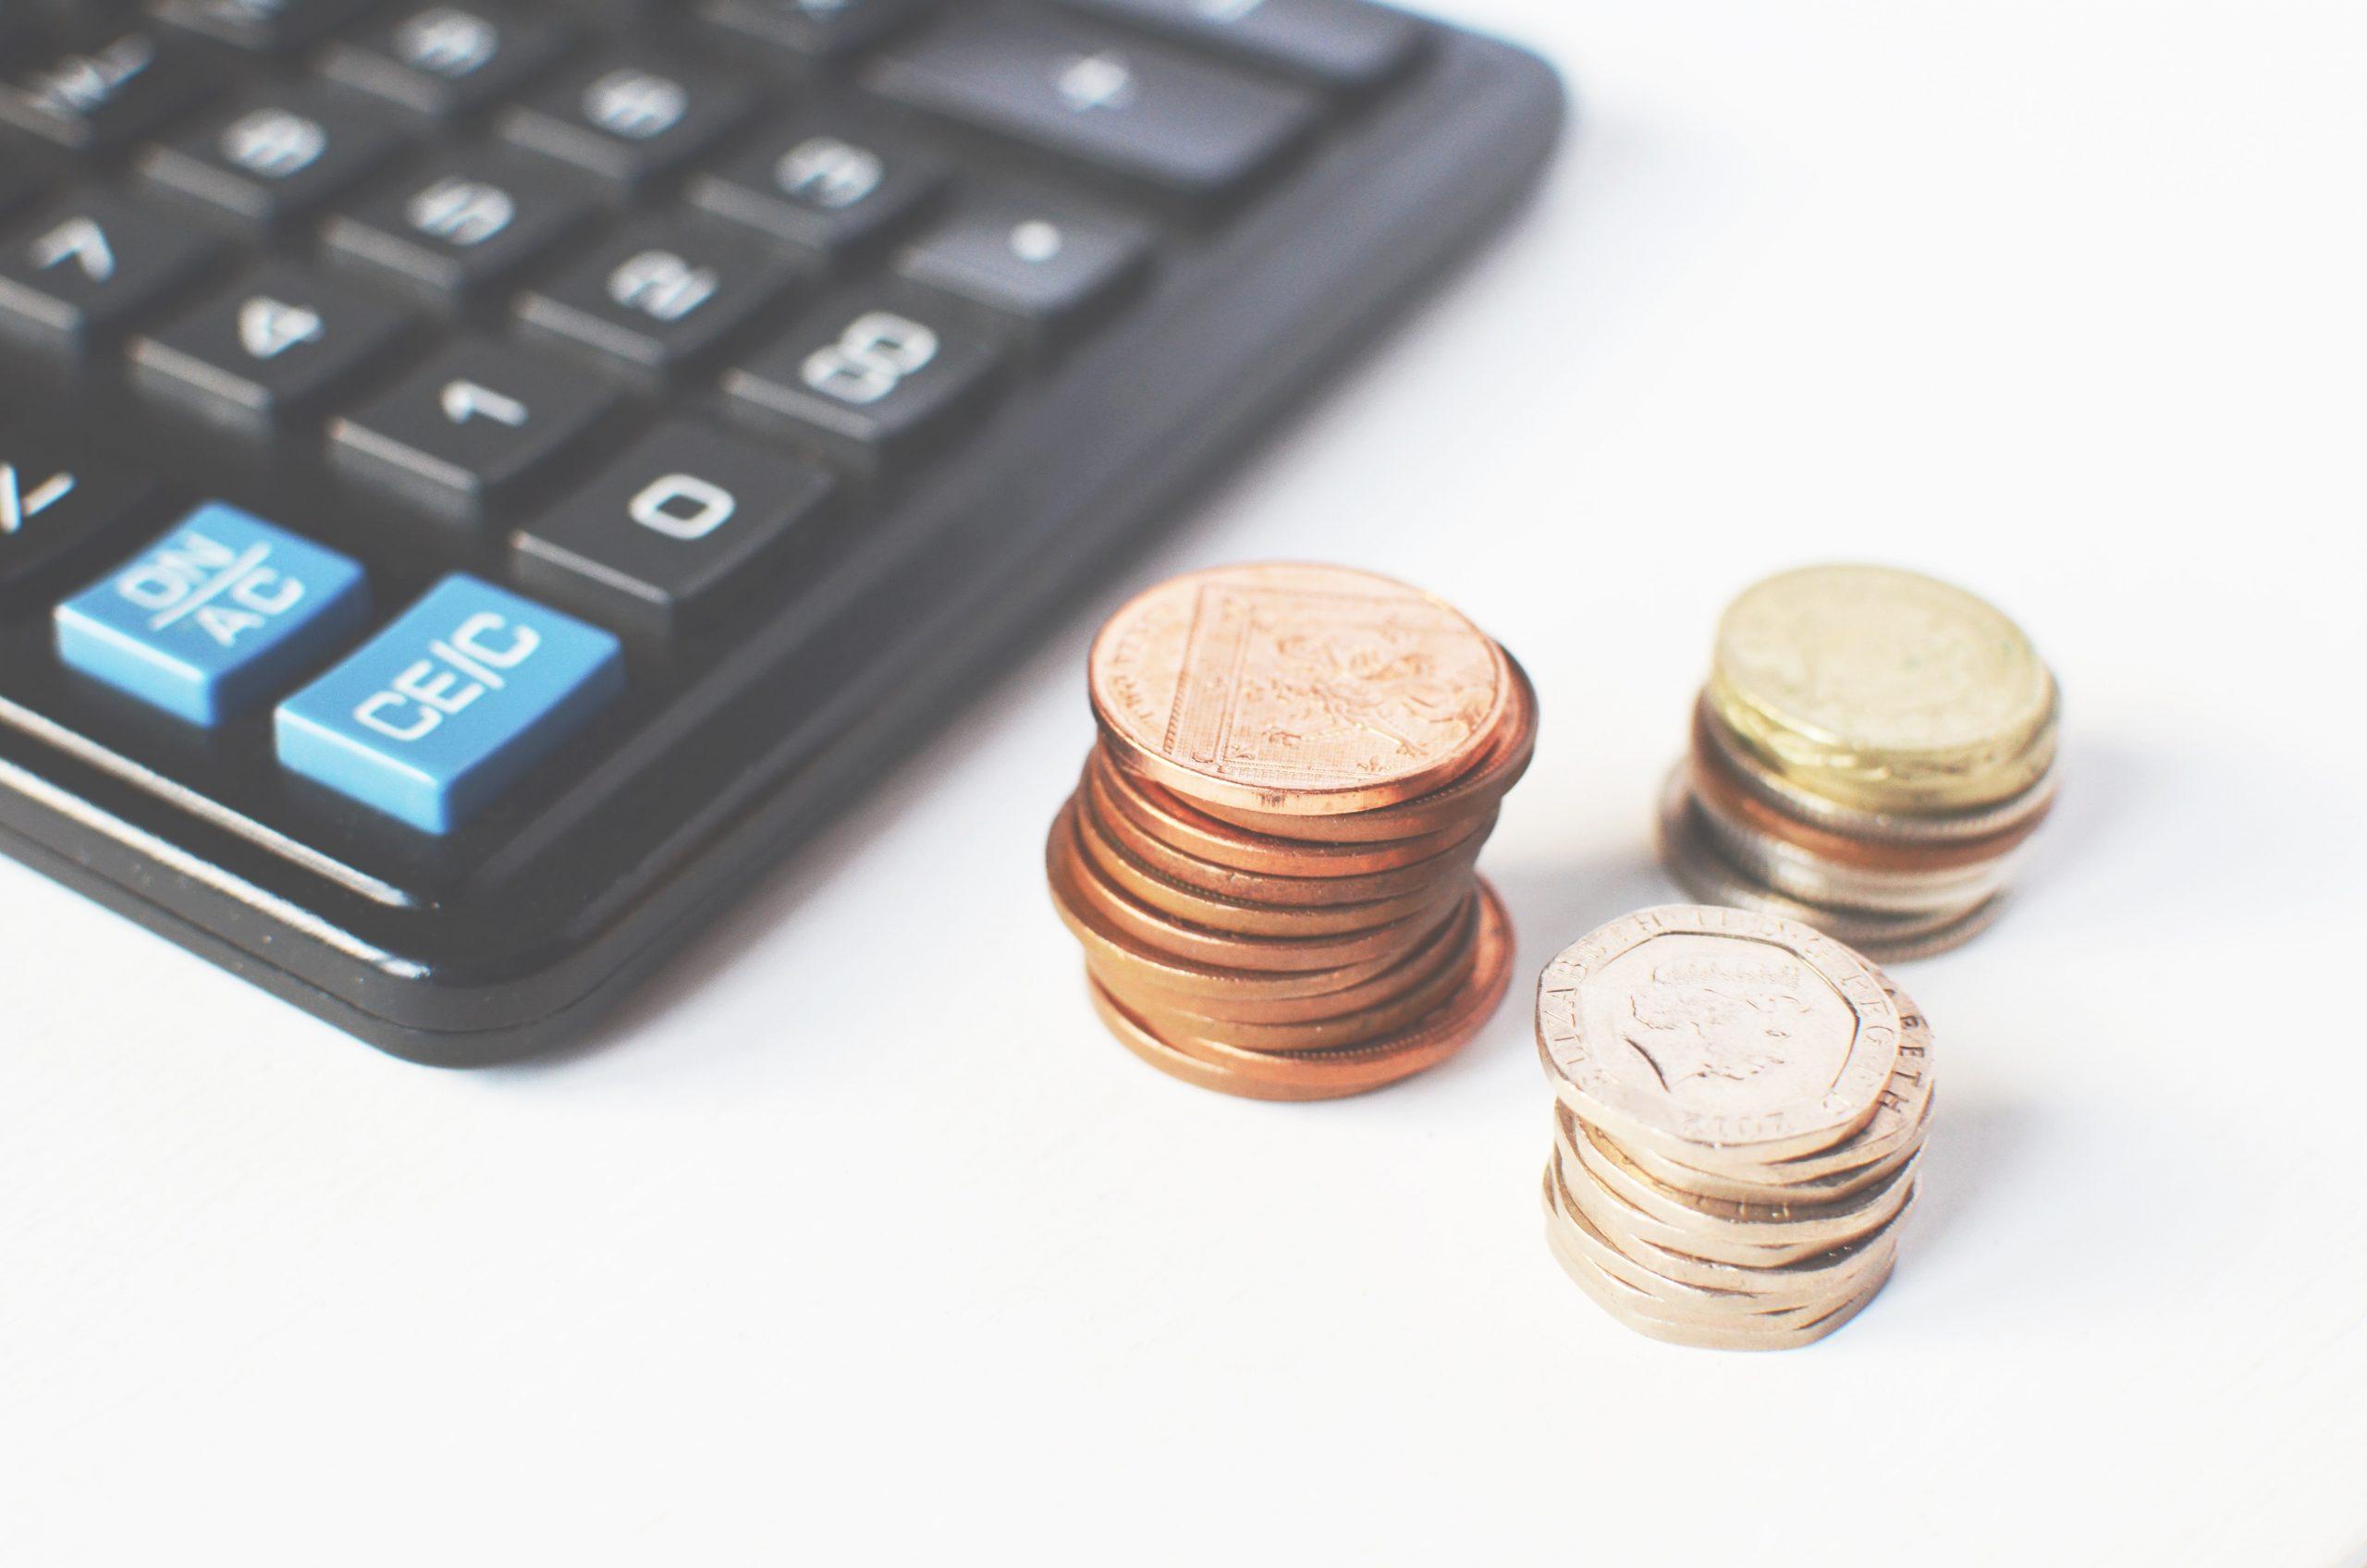 """Foto de uma calculadora e moedas para a pauta """"Como preparar a previsão orçamentária de um condomínio"""" para o Blog da Estasa"""